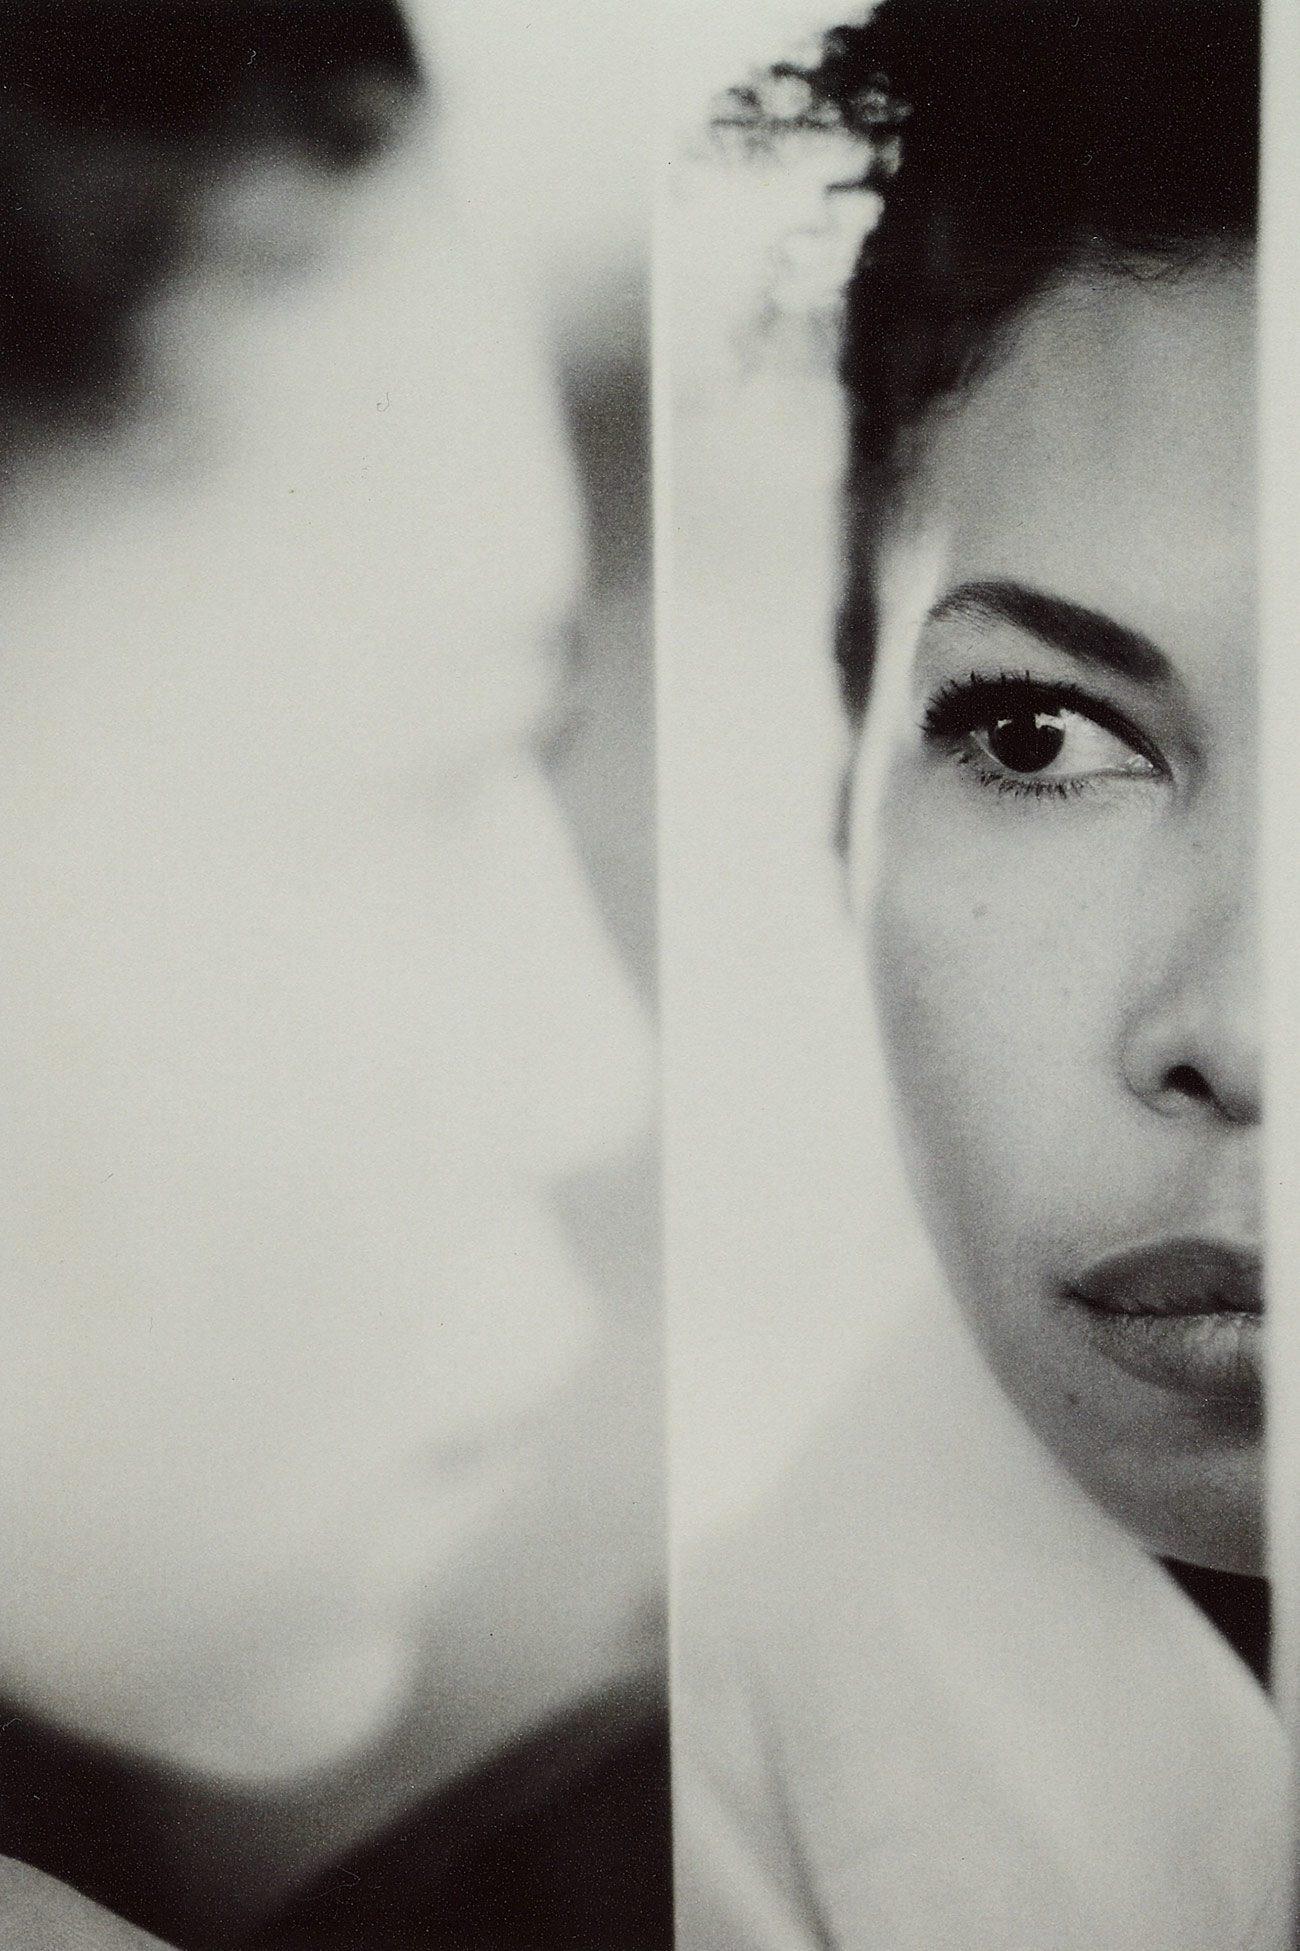 ashion 10 - <b>«У меня в душе незаживающая рана!»</b> Телеведущая Каролина Ашион о конфликте с министром Ткаченко и расизме в Украине - Заборона